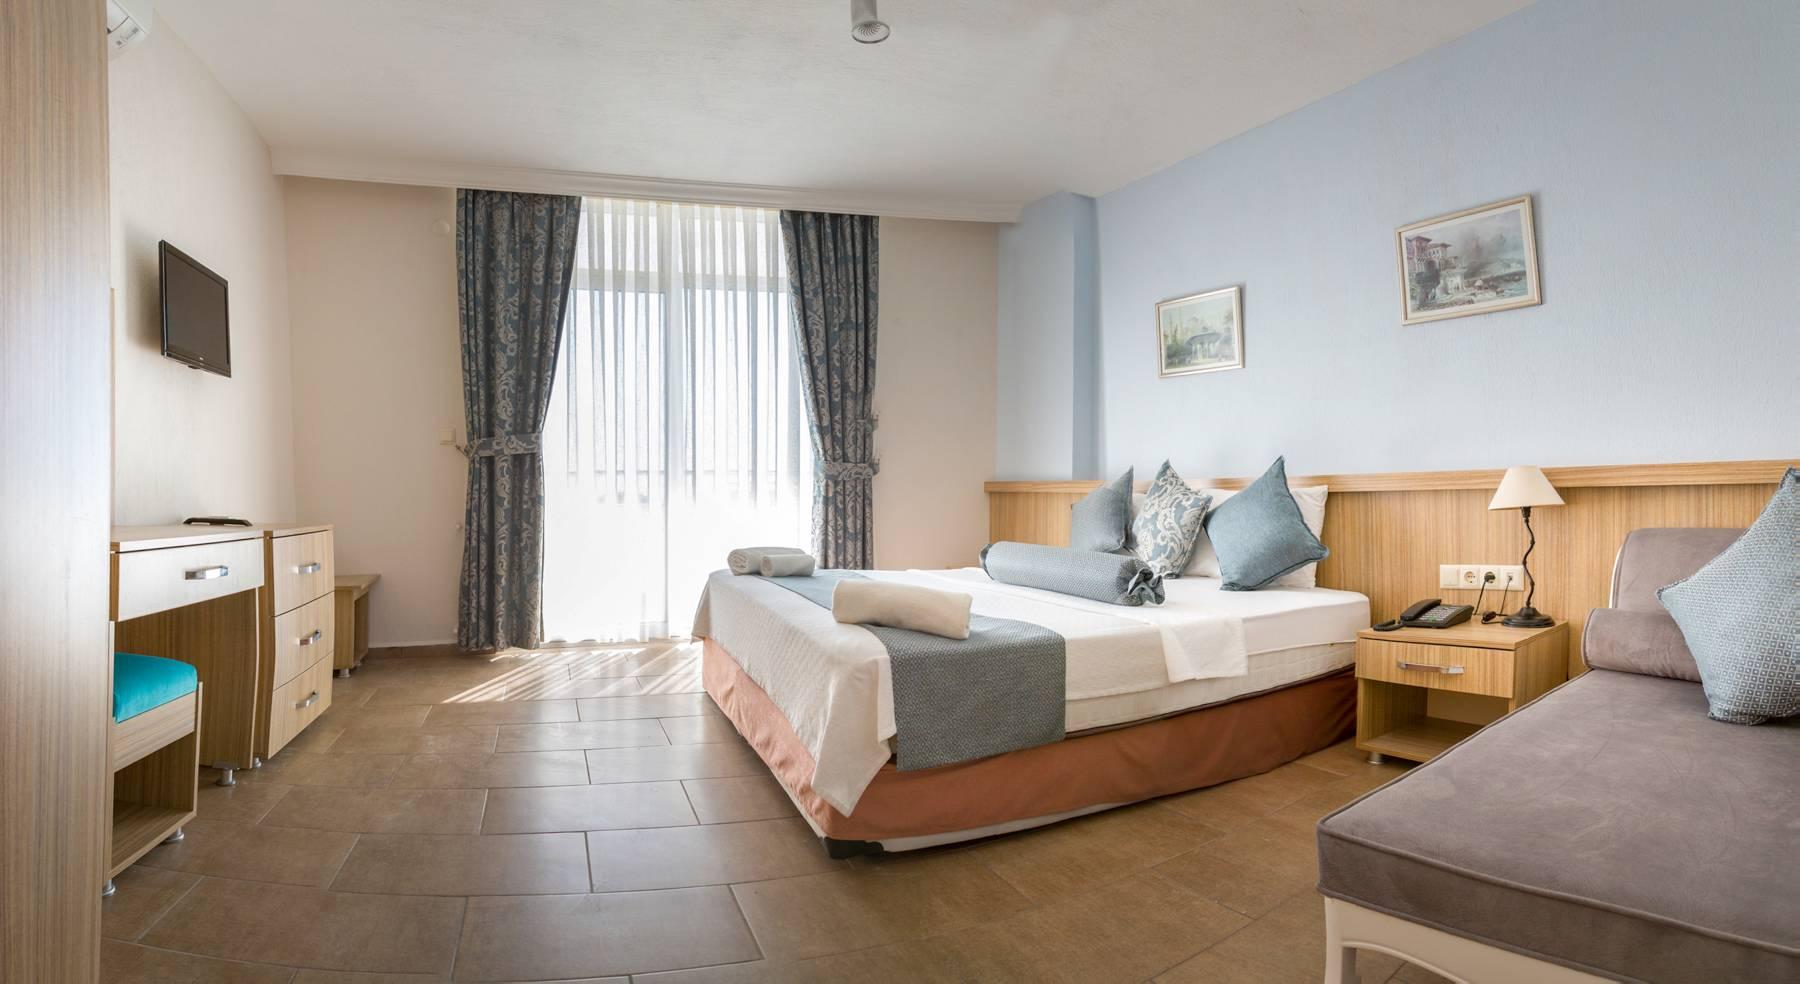 Letovanje Turska autobusom, Kusadasi, Hotel Ponz,hotelska soba